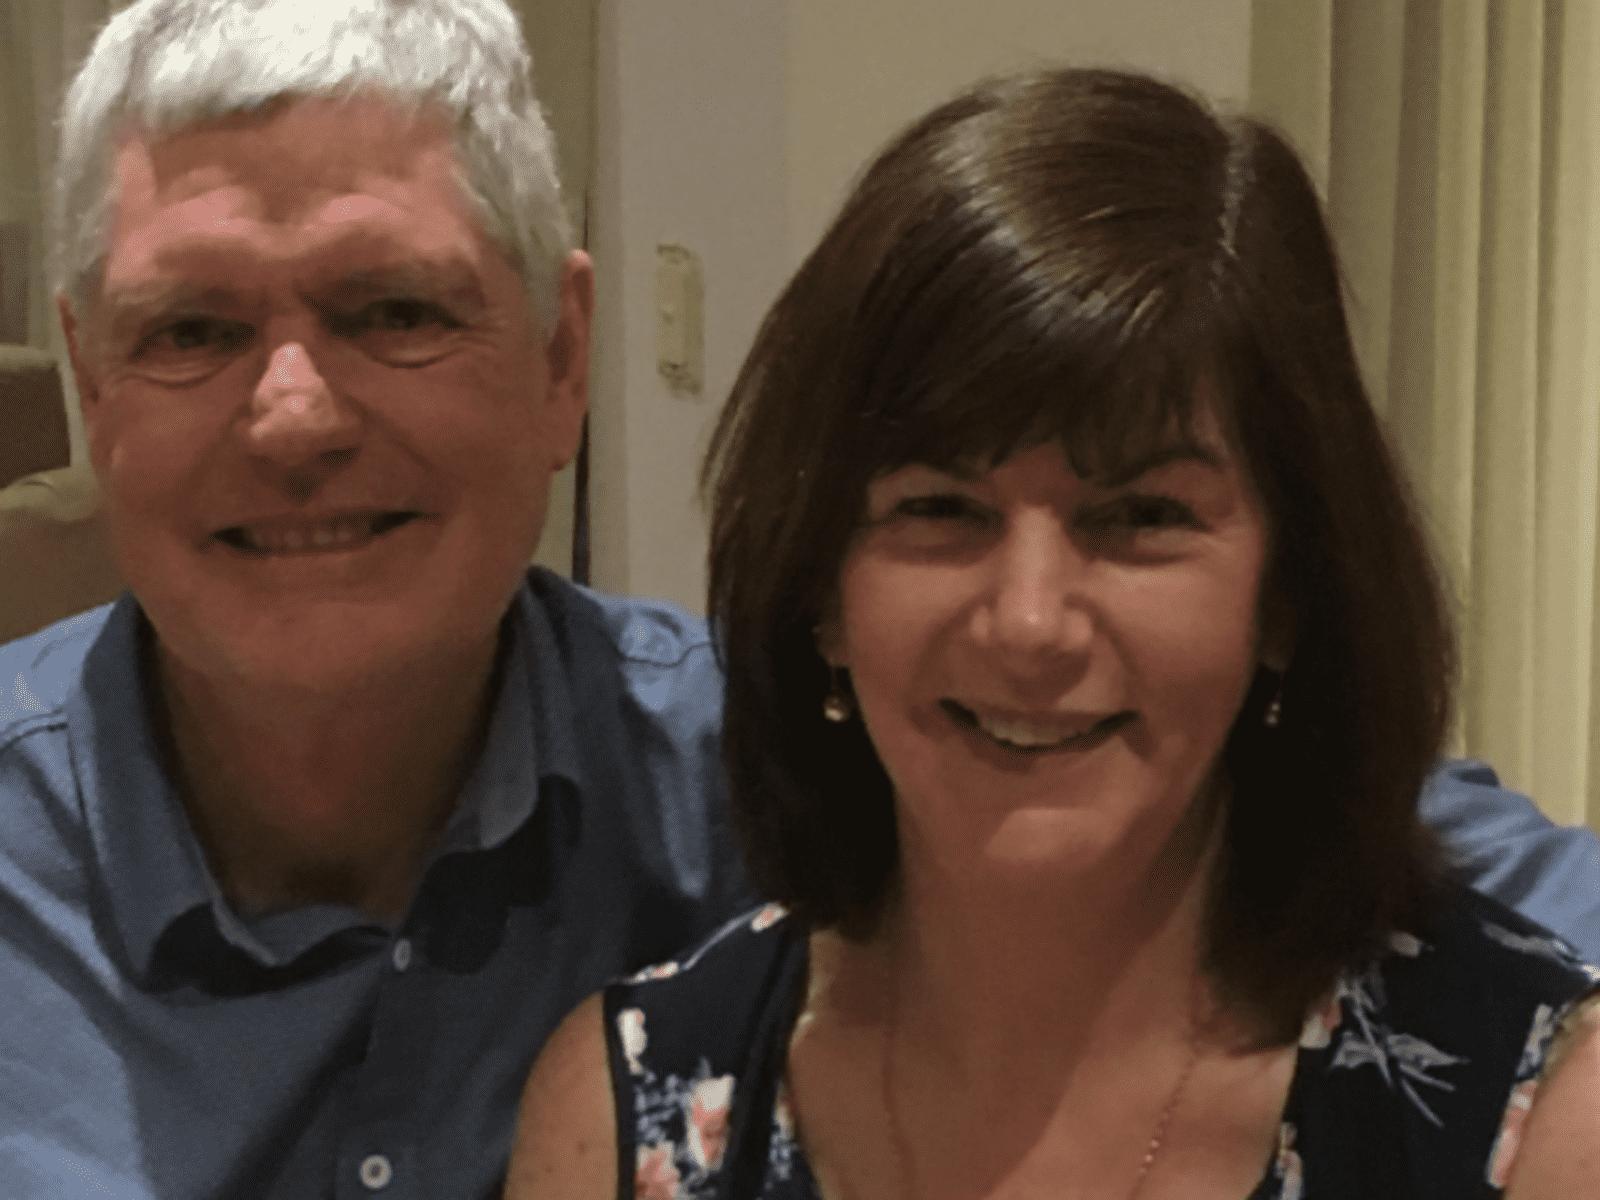 Maree & Colin from Ballarat, Victoria, Australia